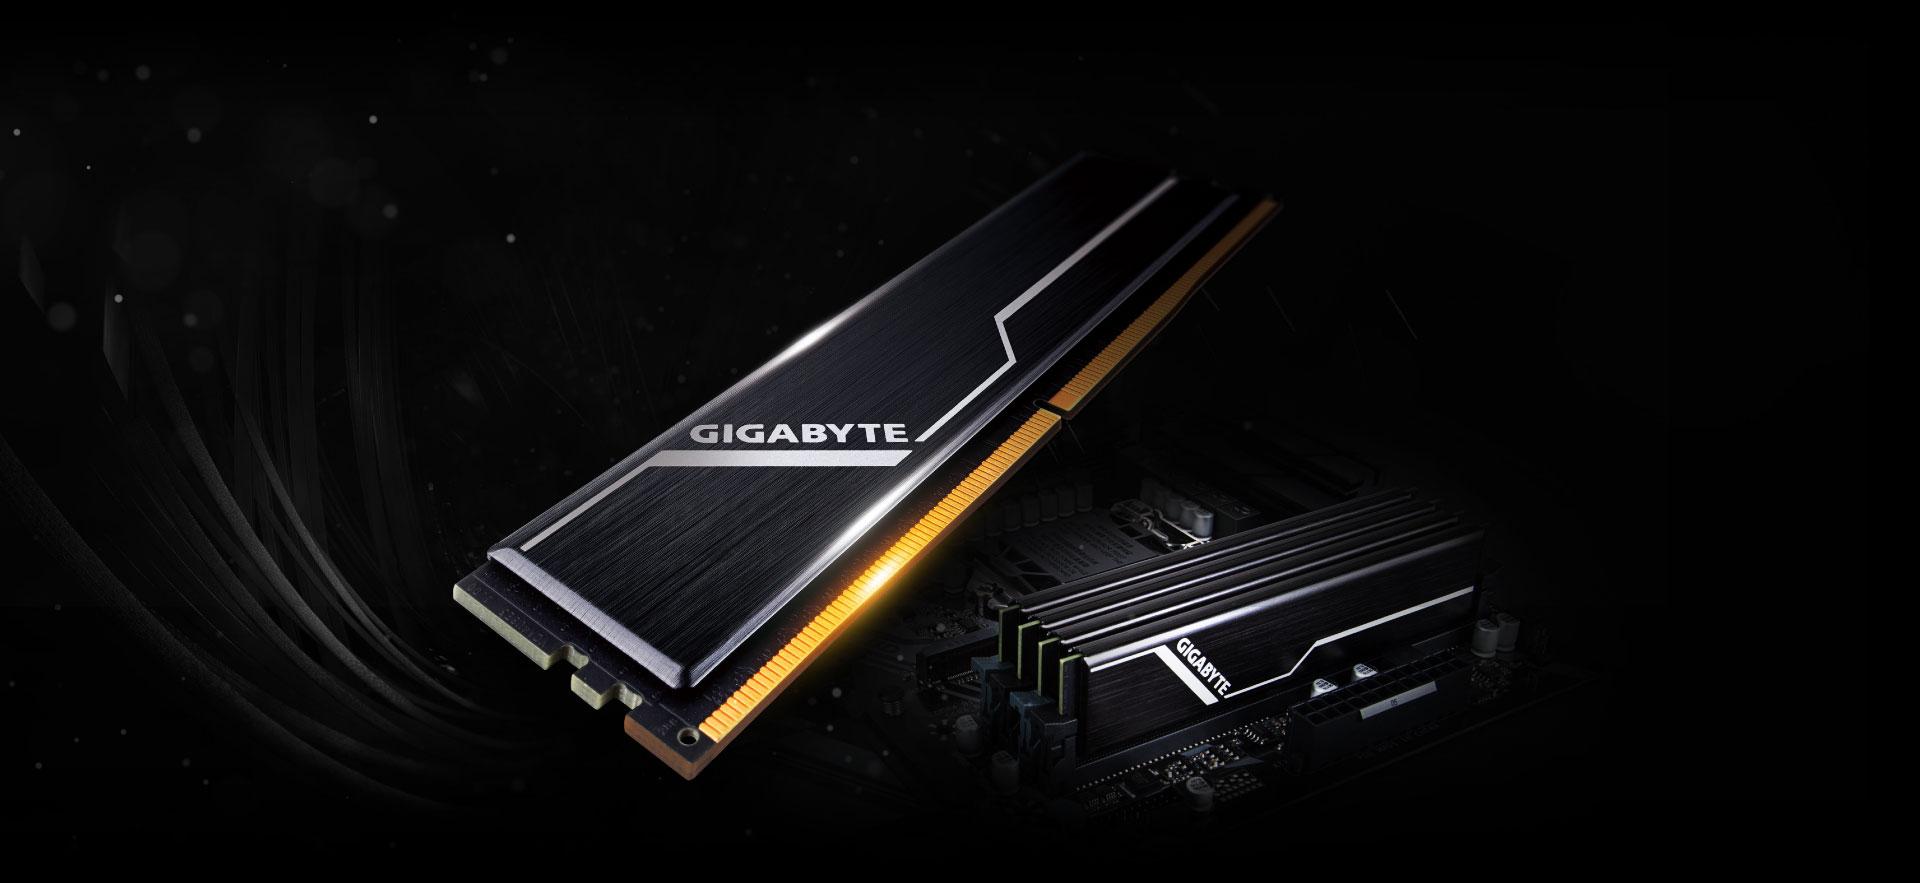 GIGABYTE Memory 16GB (2x8GB) 2666MHz | Memory - GIGABYTE Global